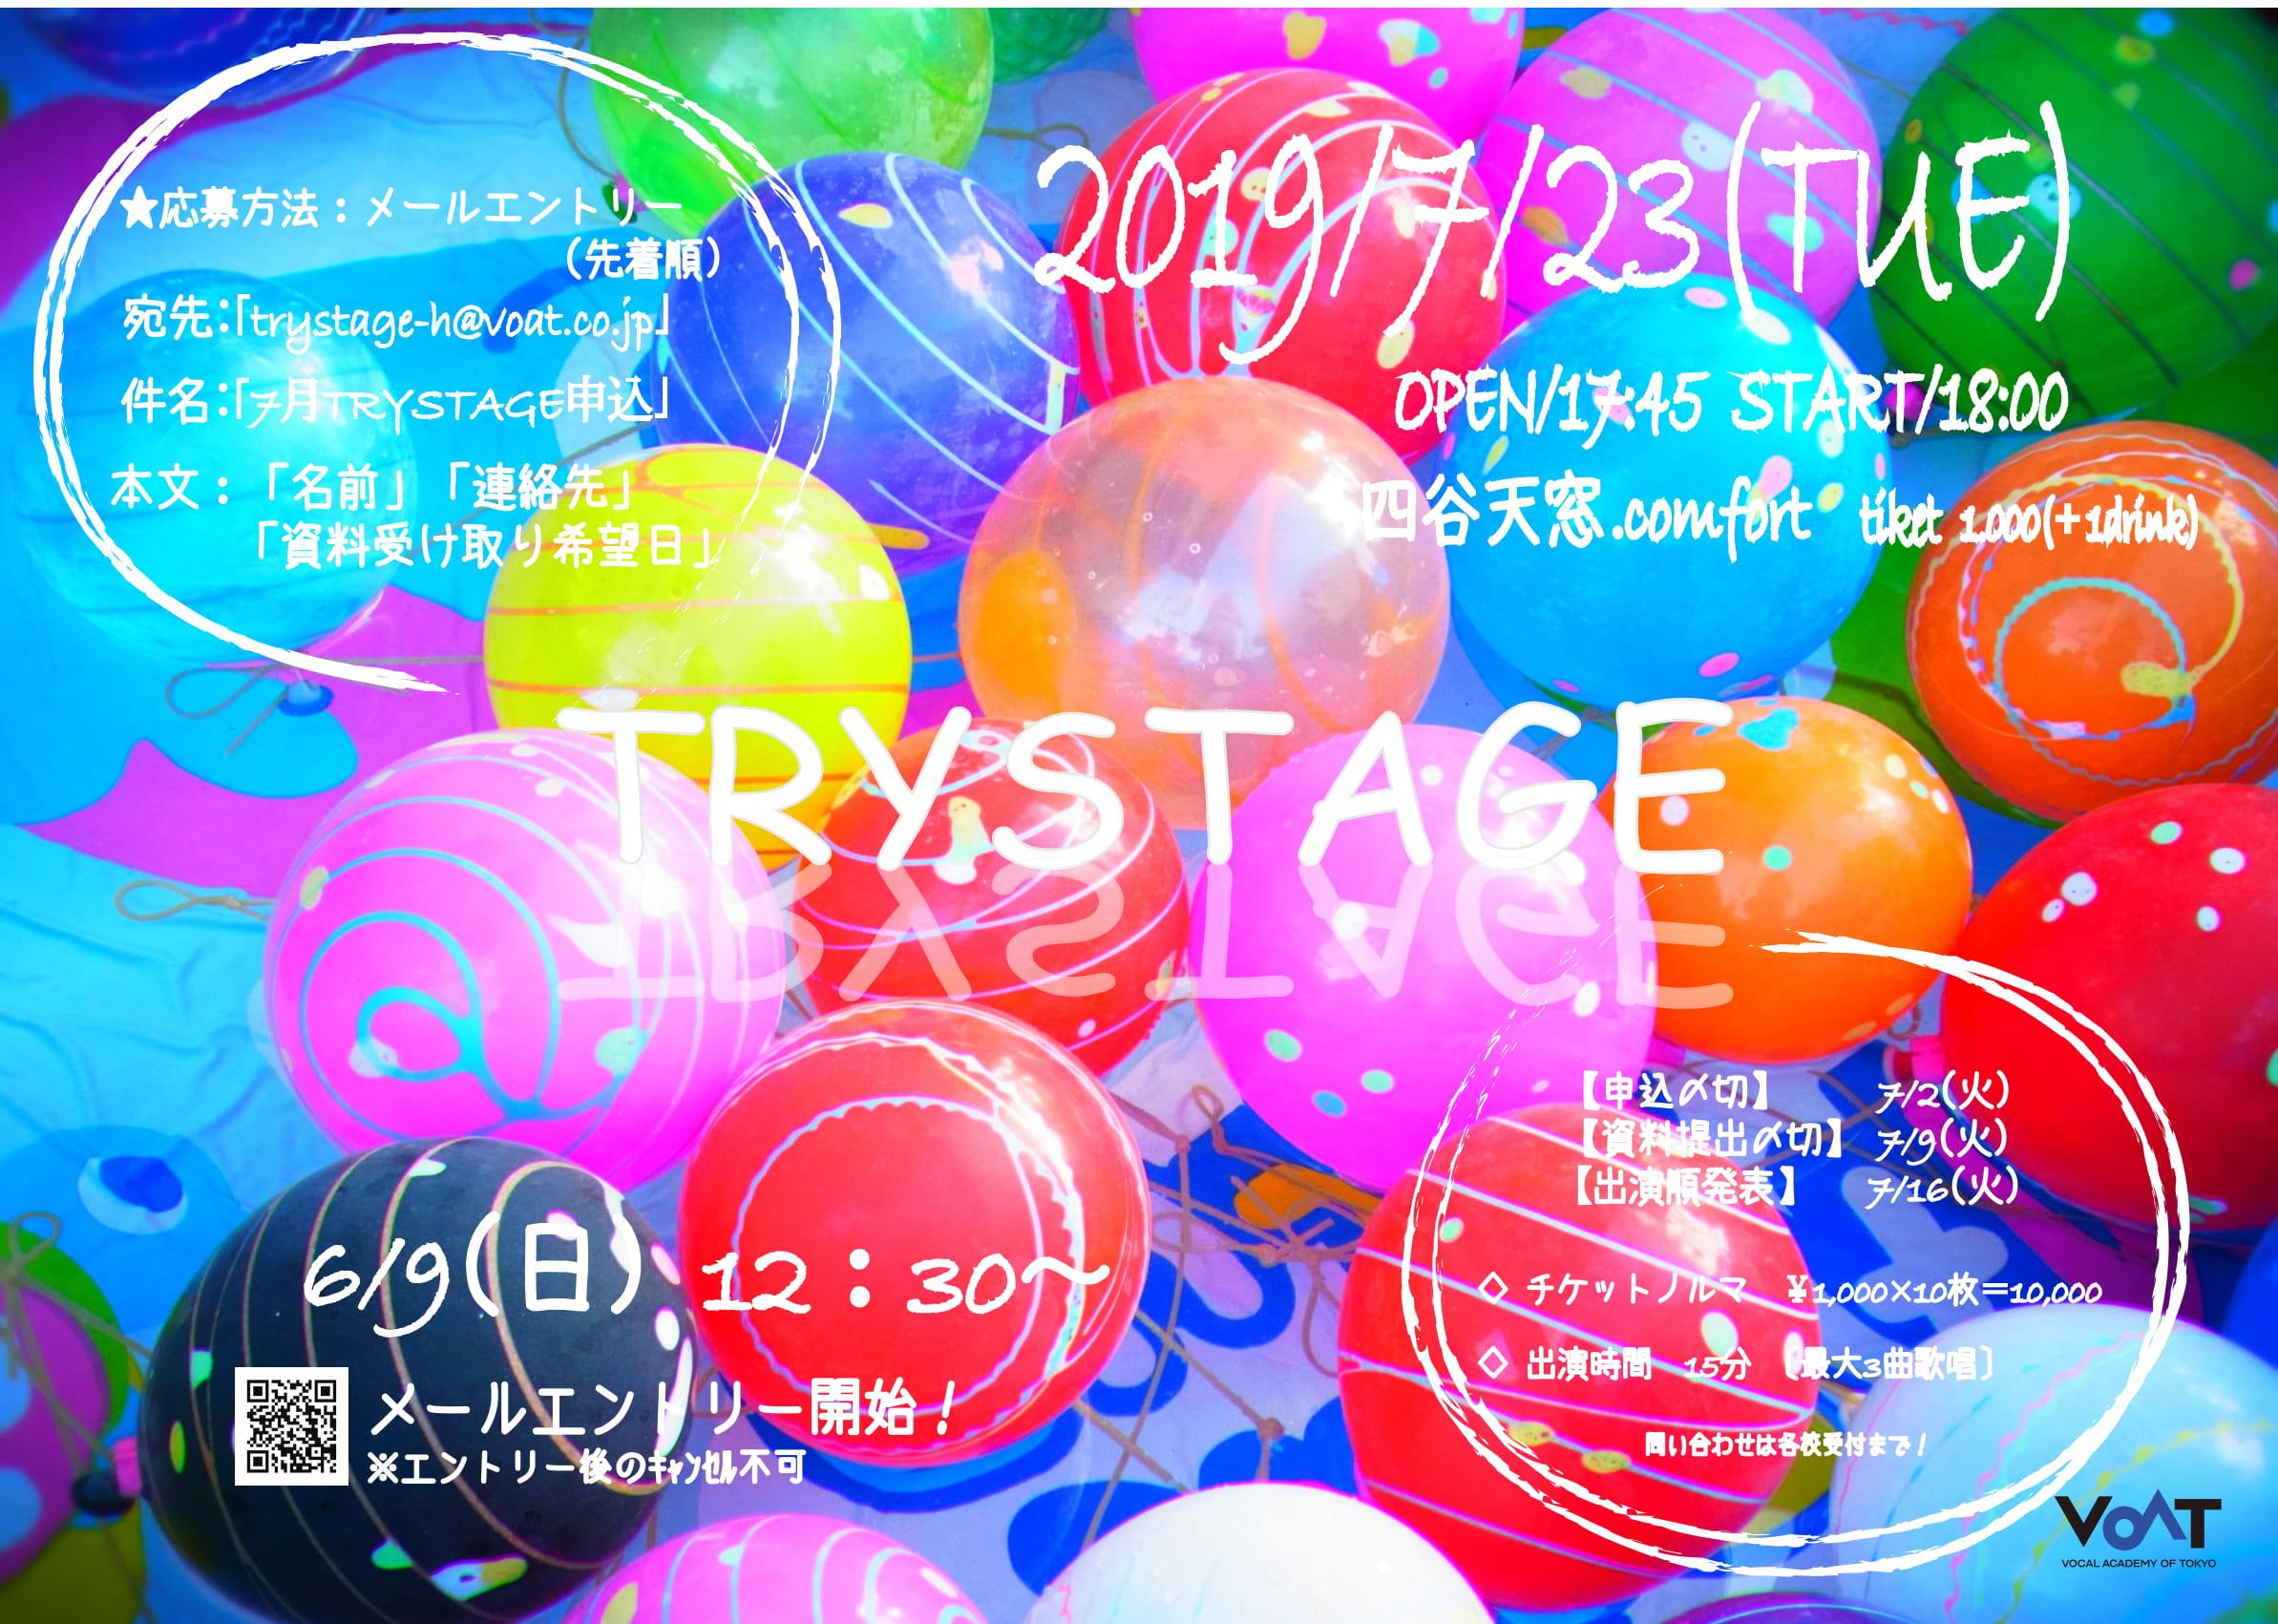 【東京】7/23(火)TRY STAGEを開催します